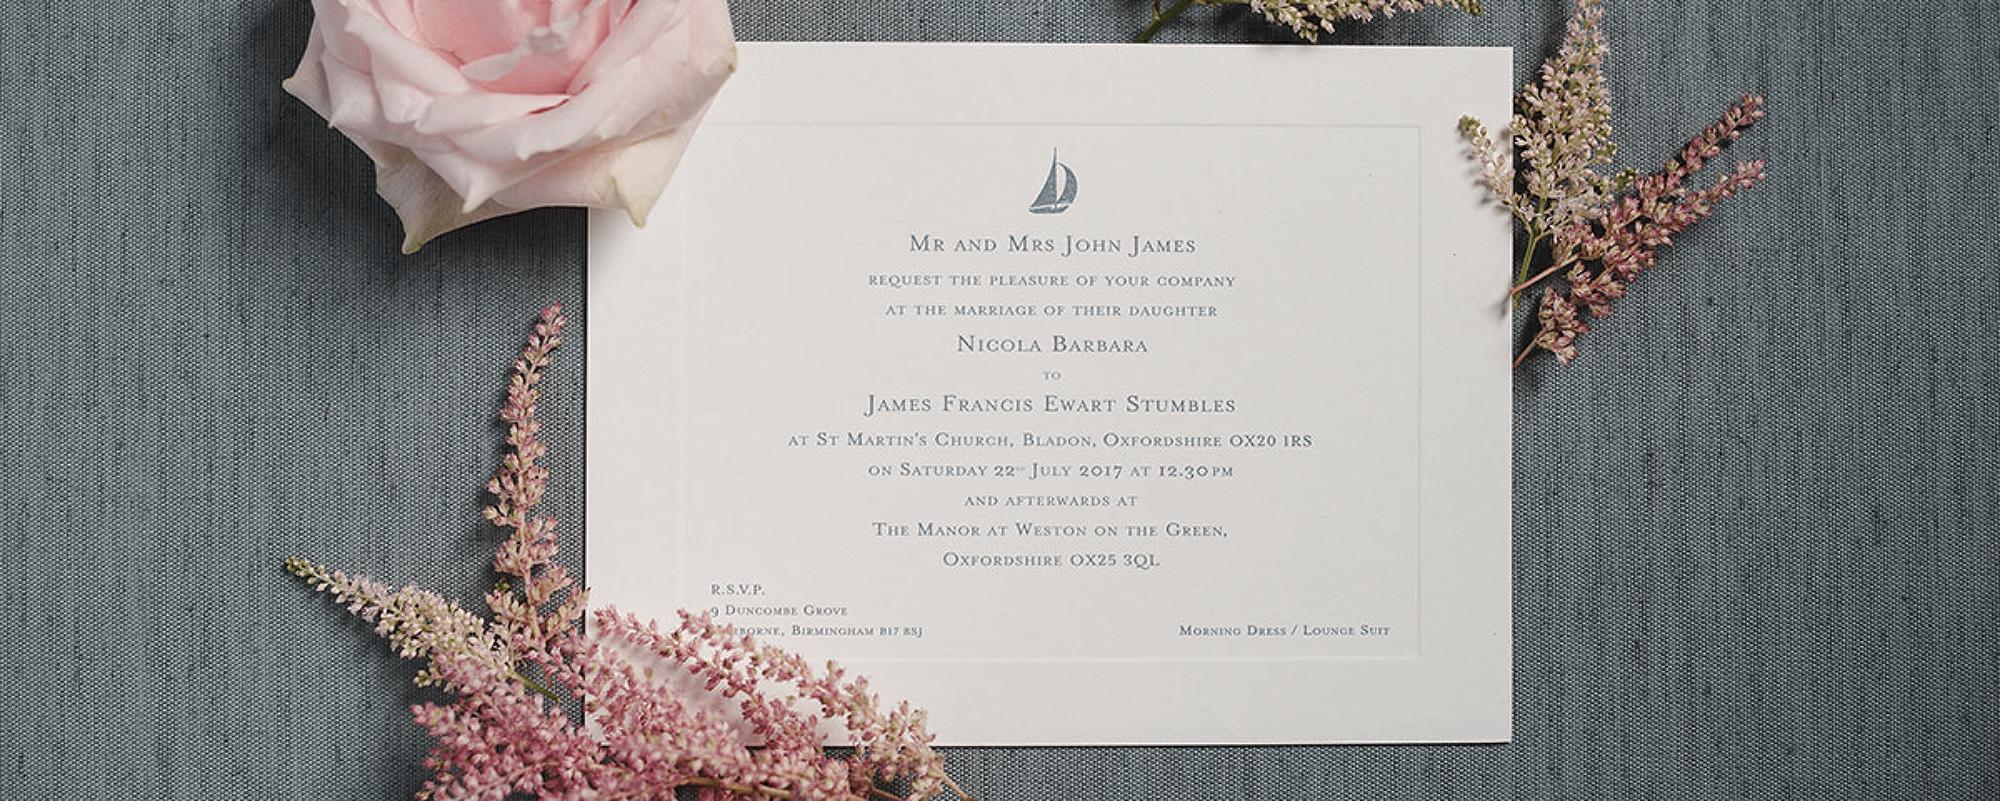 Elegant Wedding Stationery and Invitations UK | GeeBrothers.co.uk